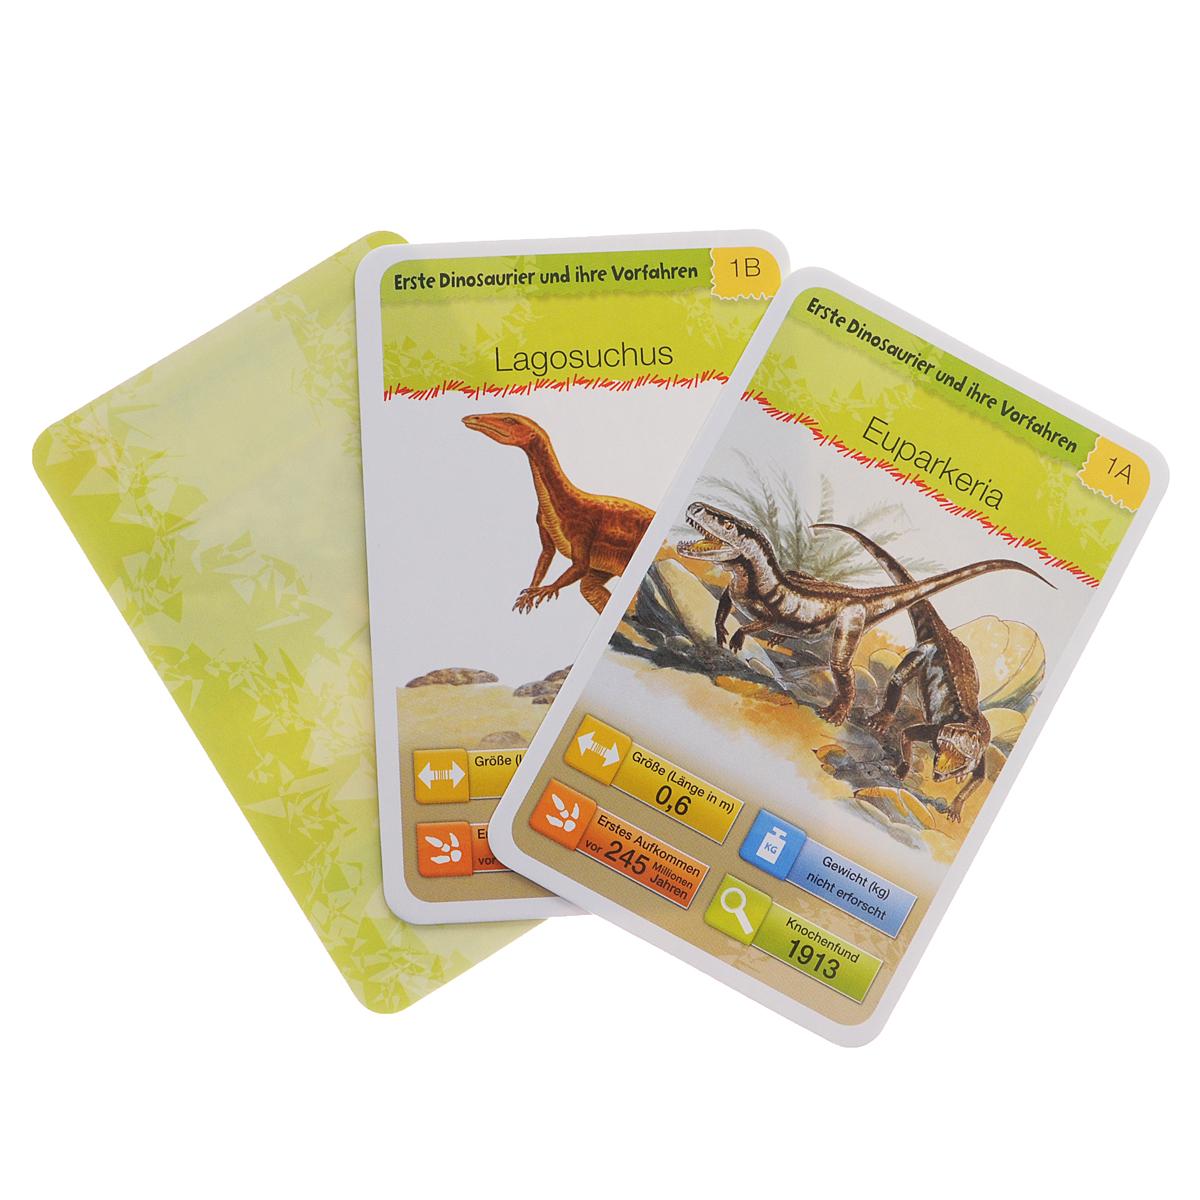 Dinosaurier: Buch mit 32 Quartettkarten